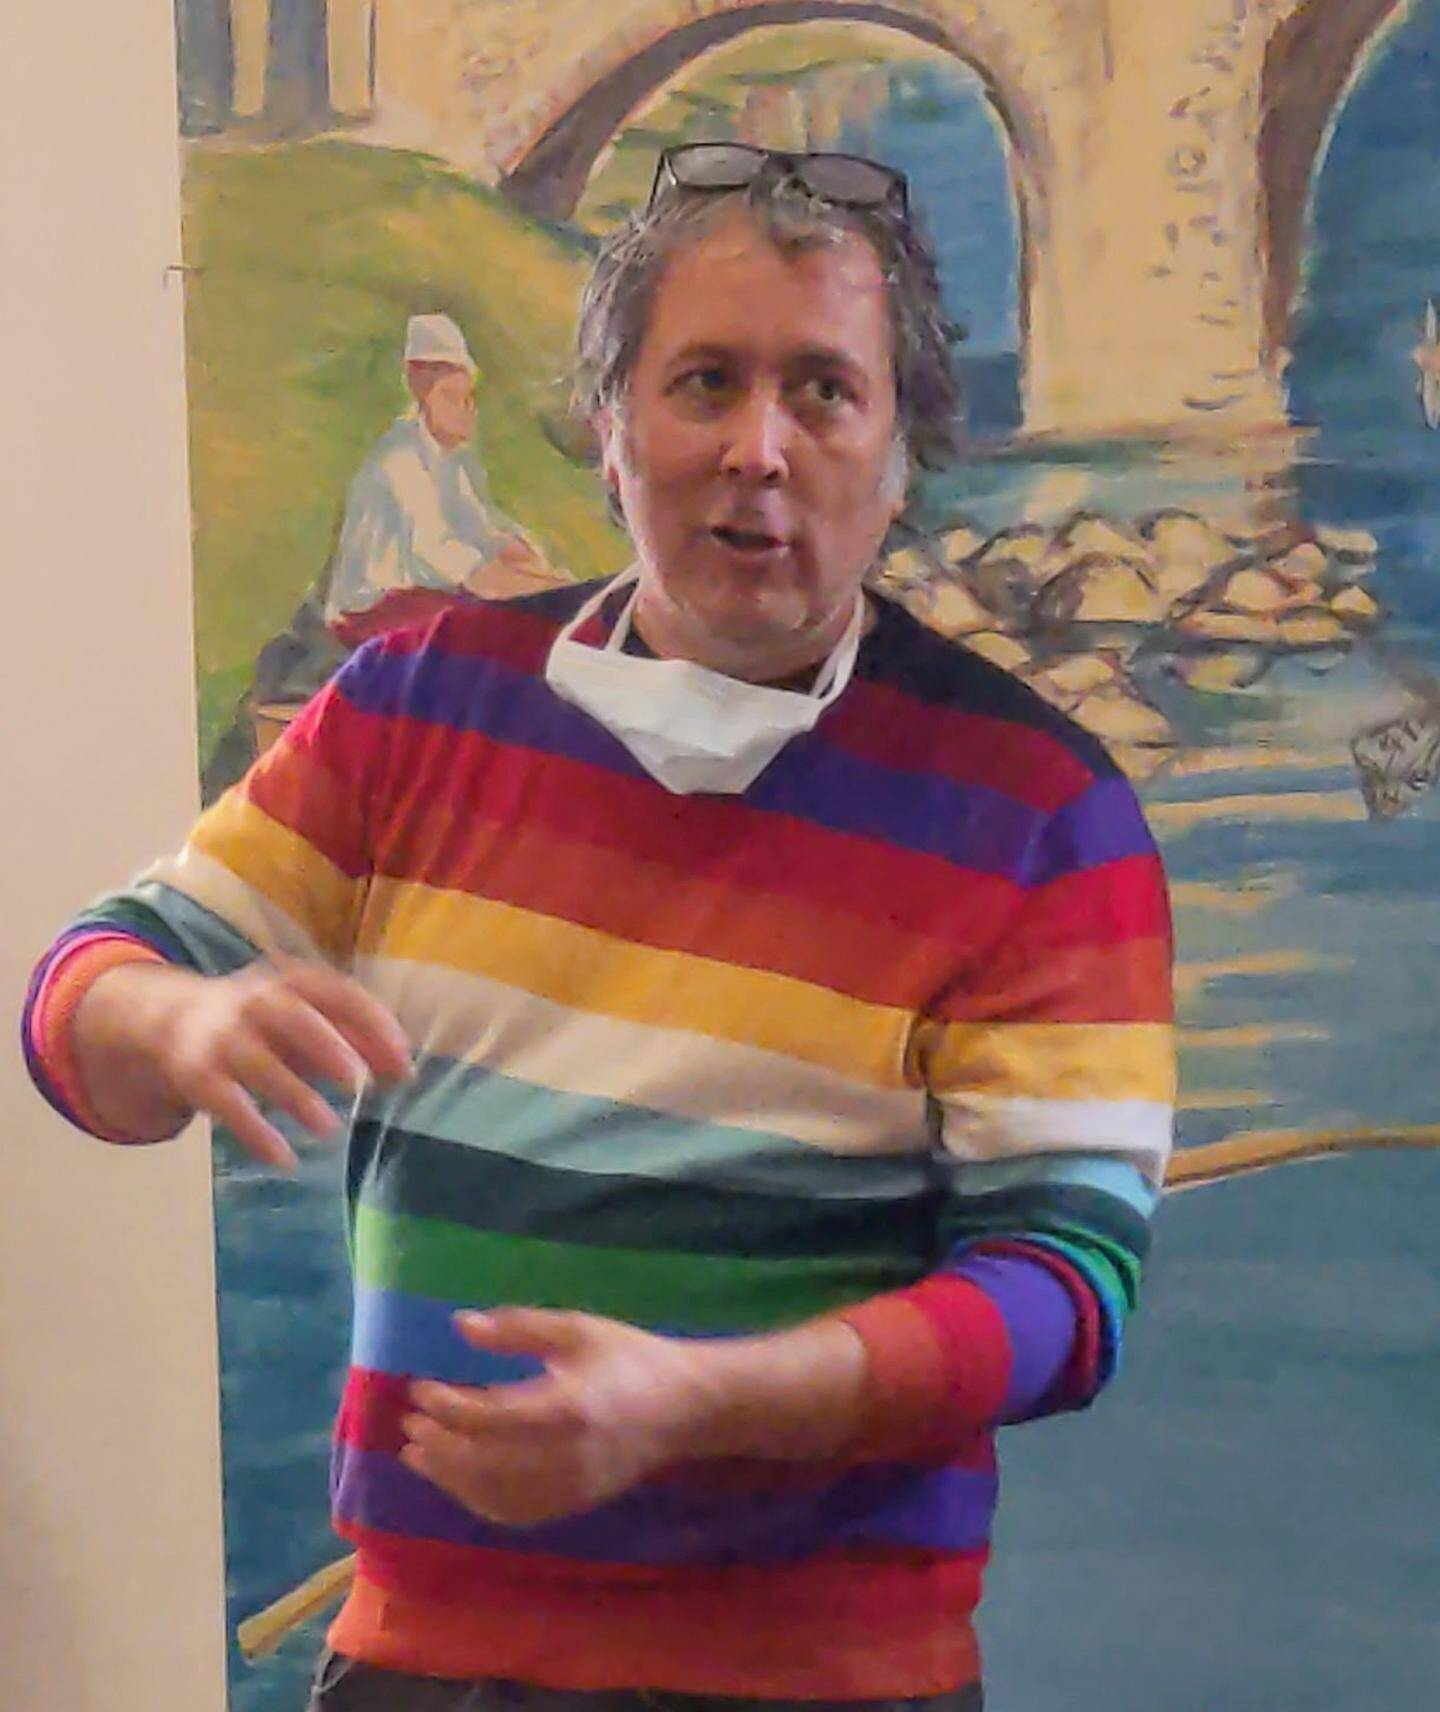 David Michael Clarke a présenté son application numérique.